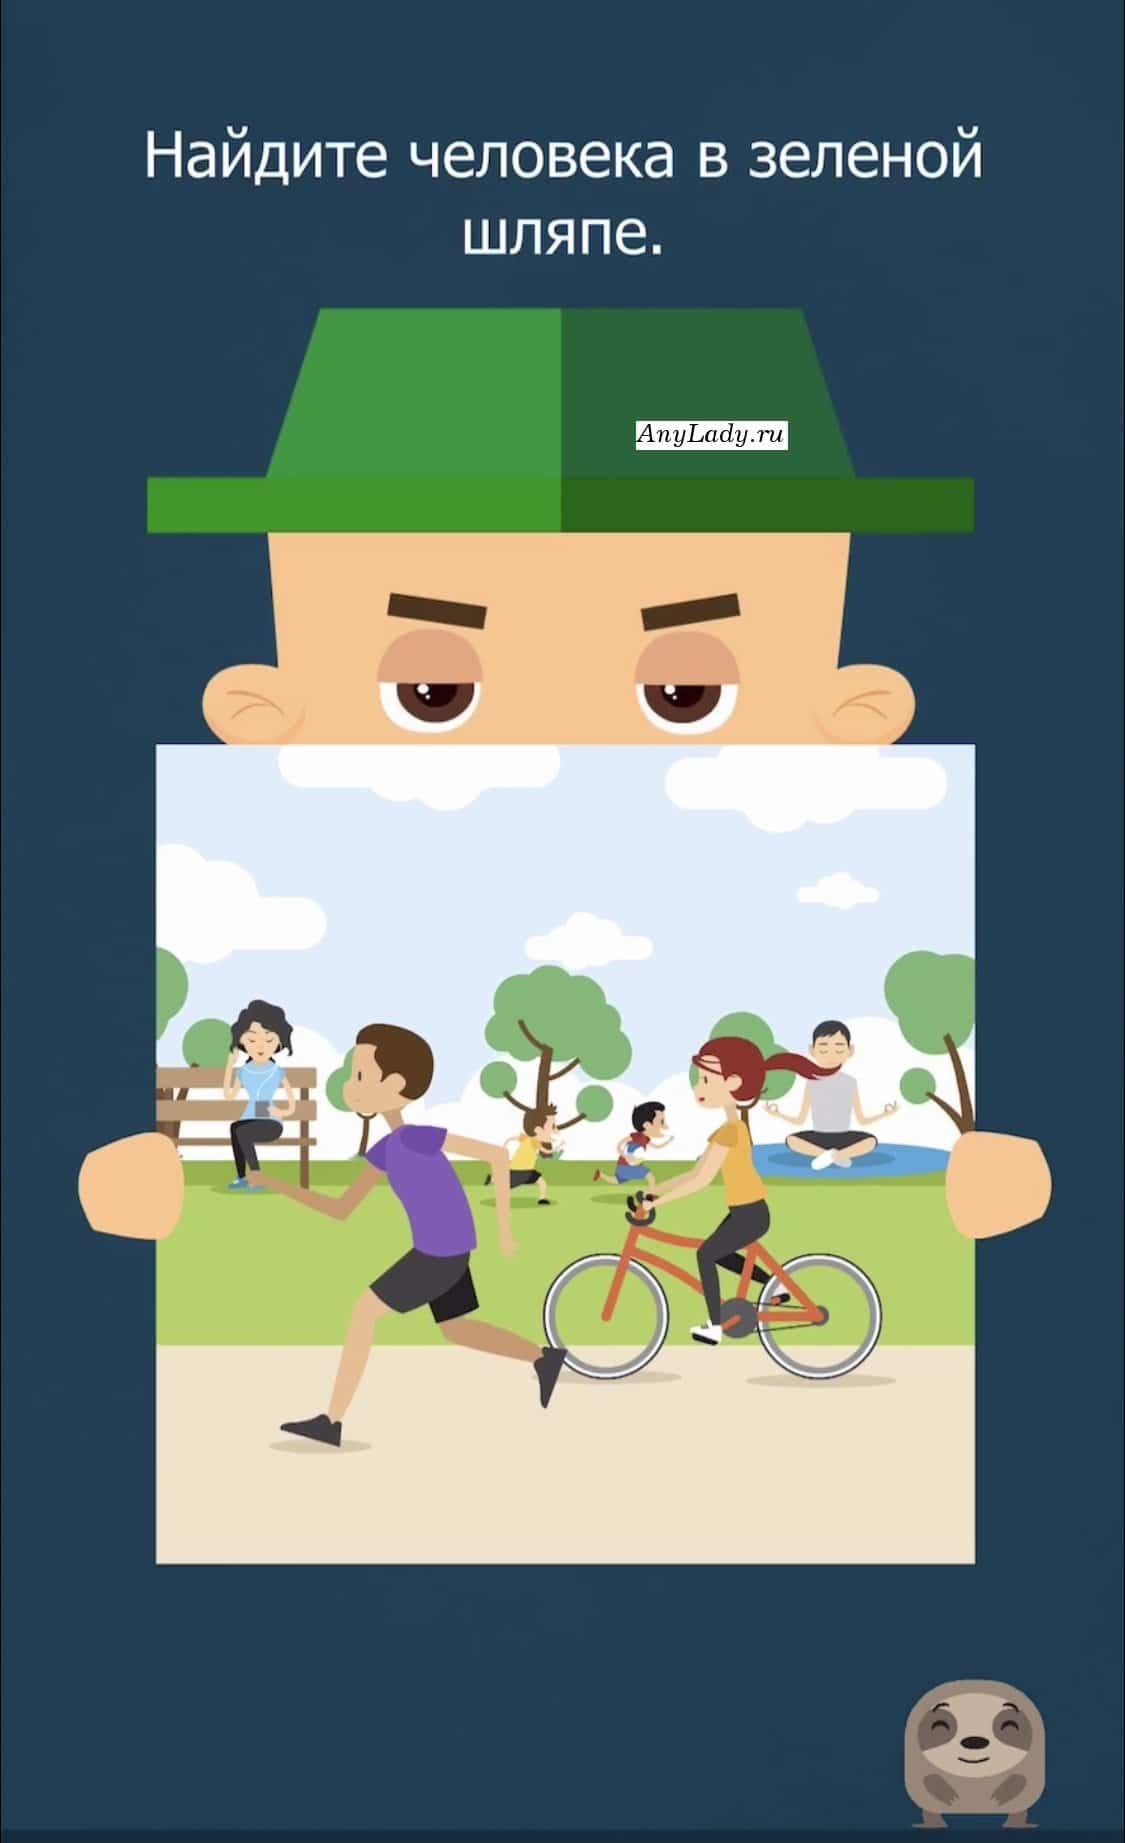 Человек в зеленой шляпе, позади картины.   Уменьшите картину, двумя пальцами и человек появится.